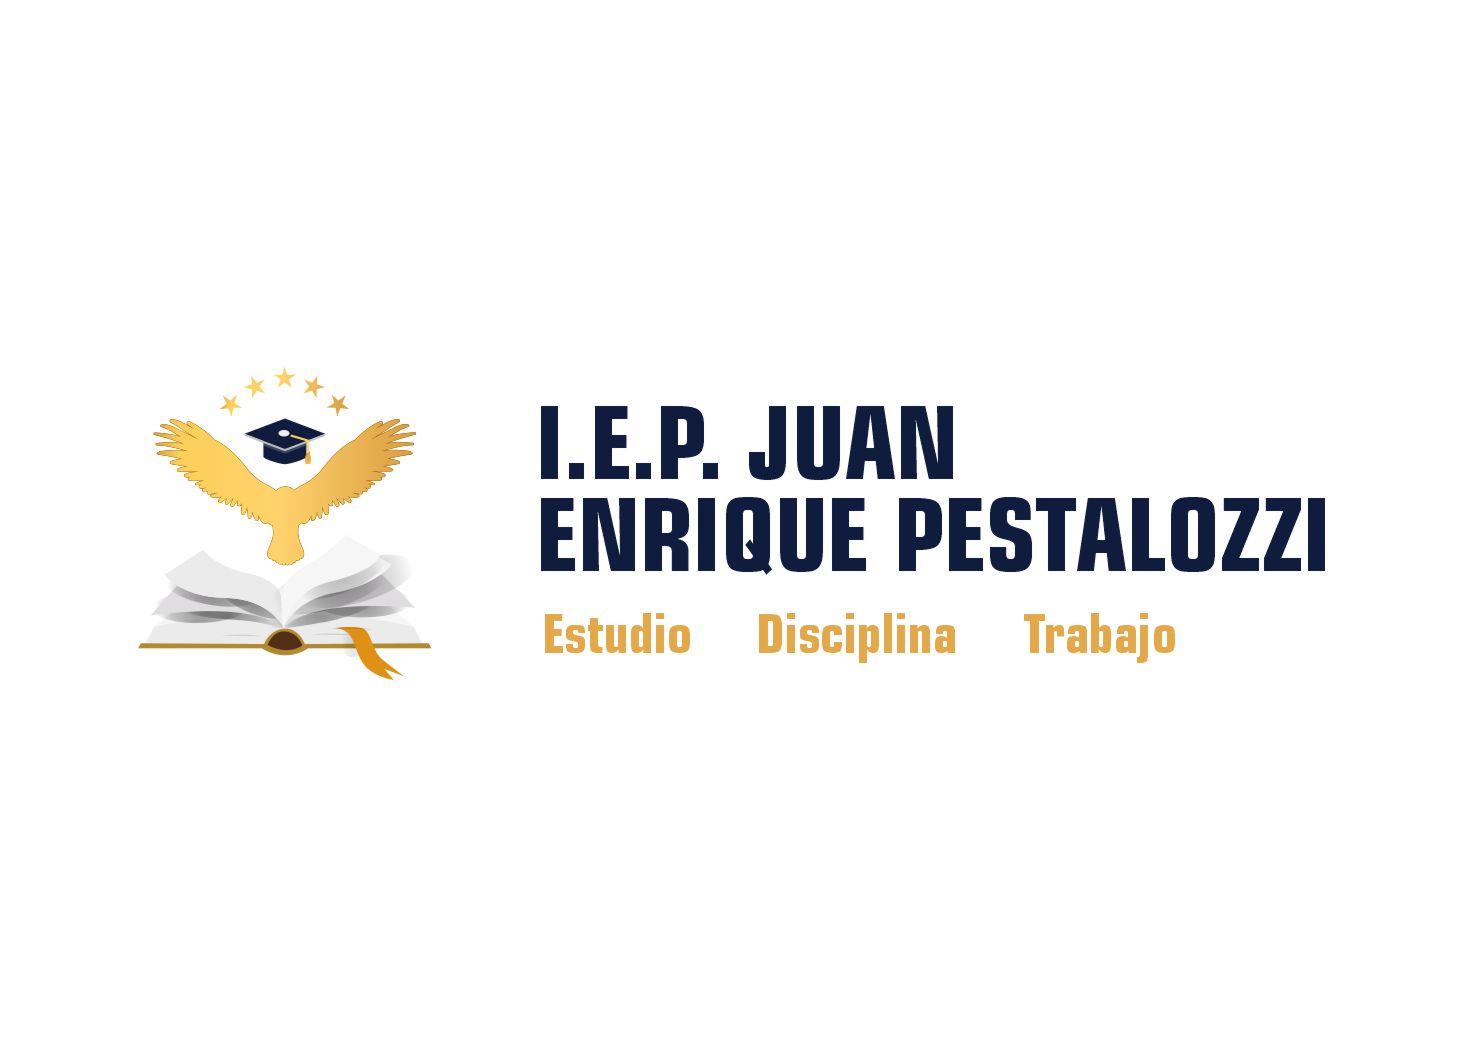 IEP Juan Enrique Pestalozzi